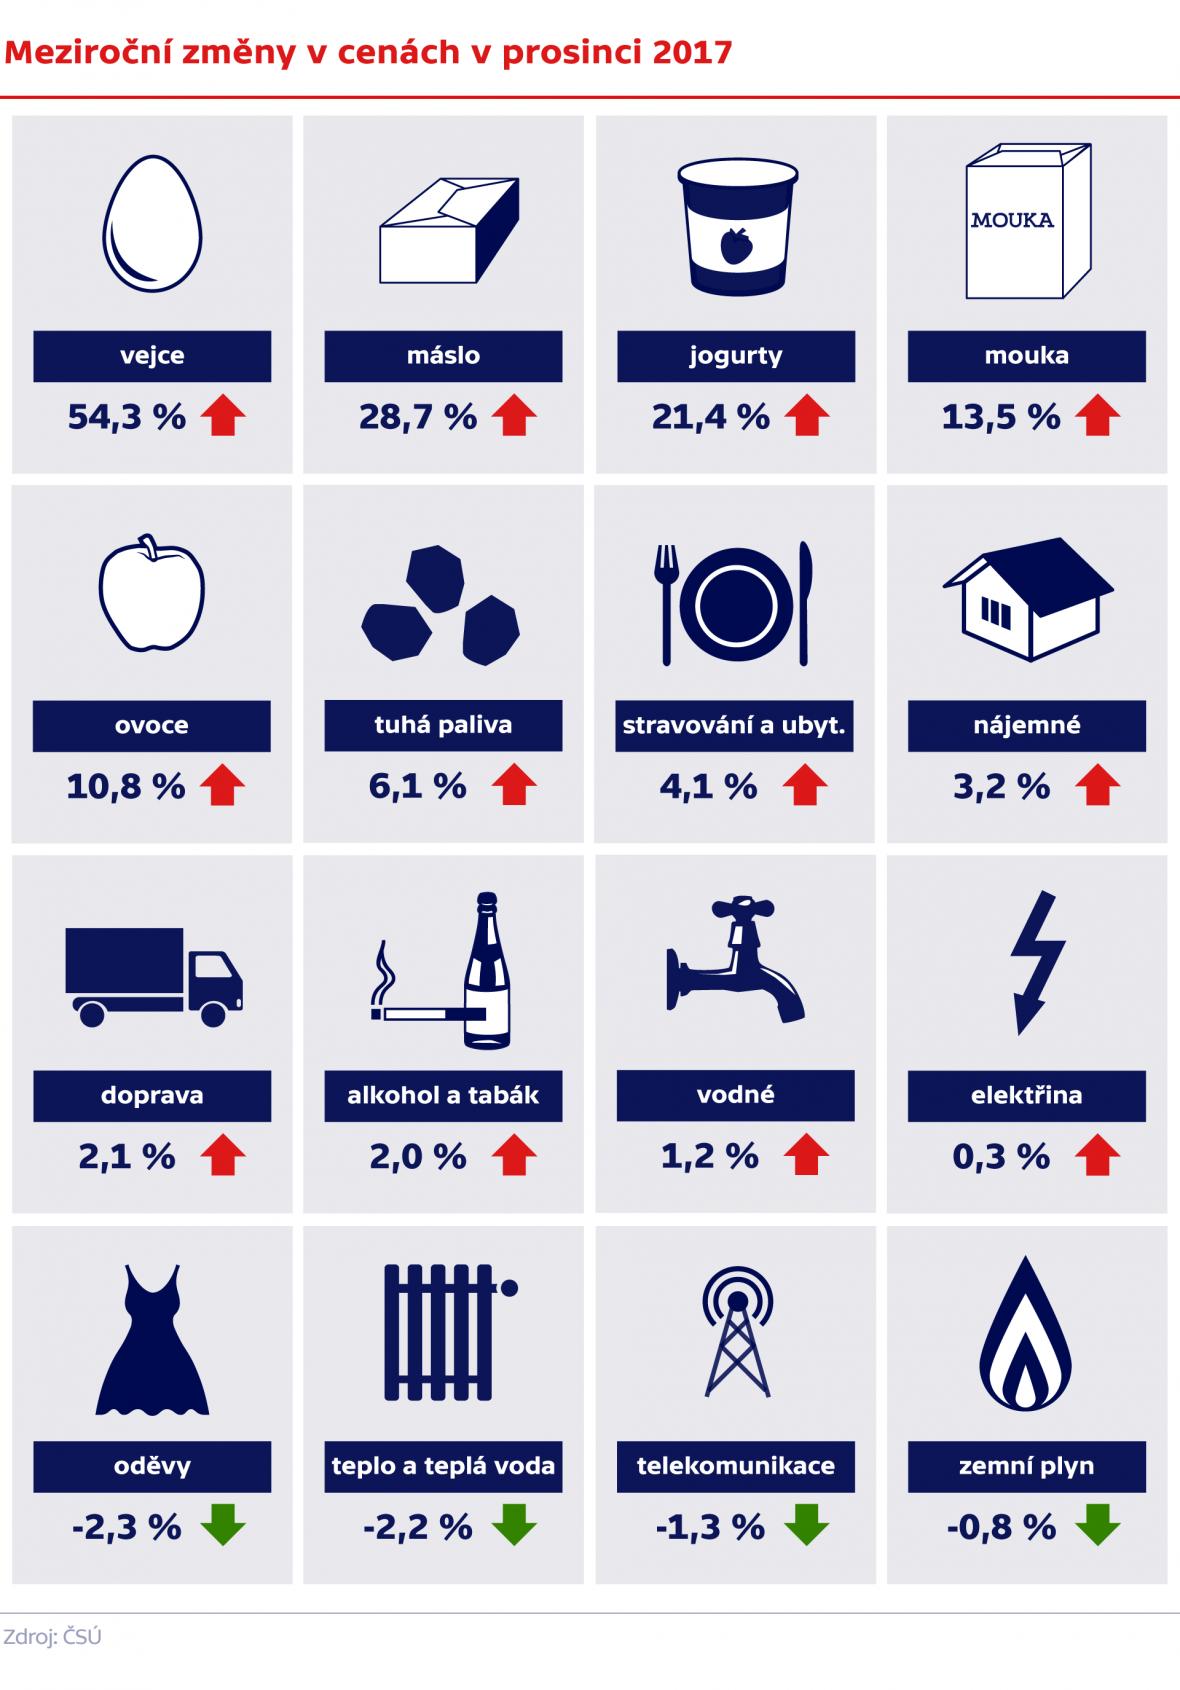 Meziroční změny v cenách v prosinci 2017